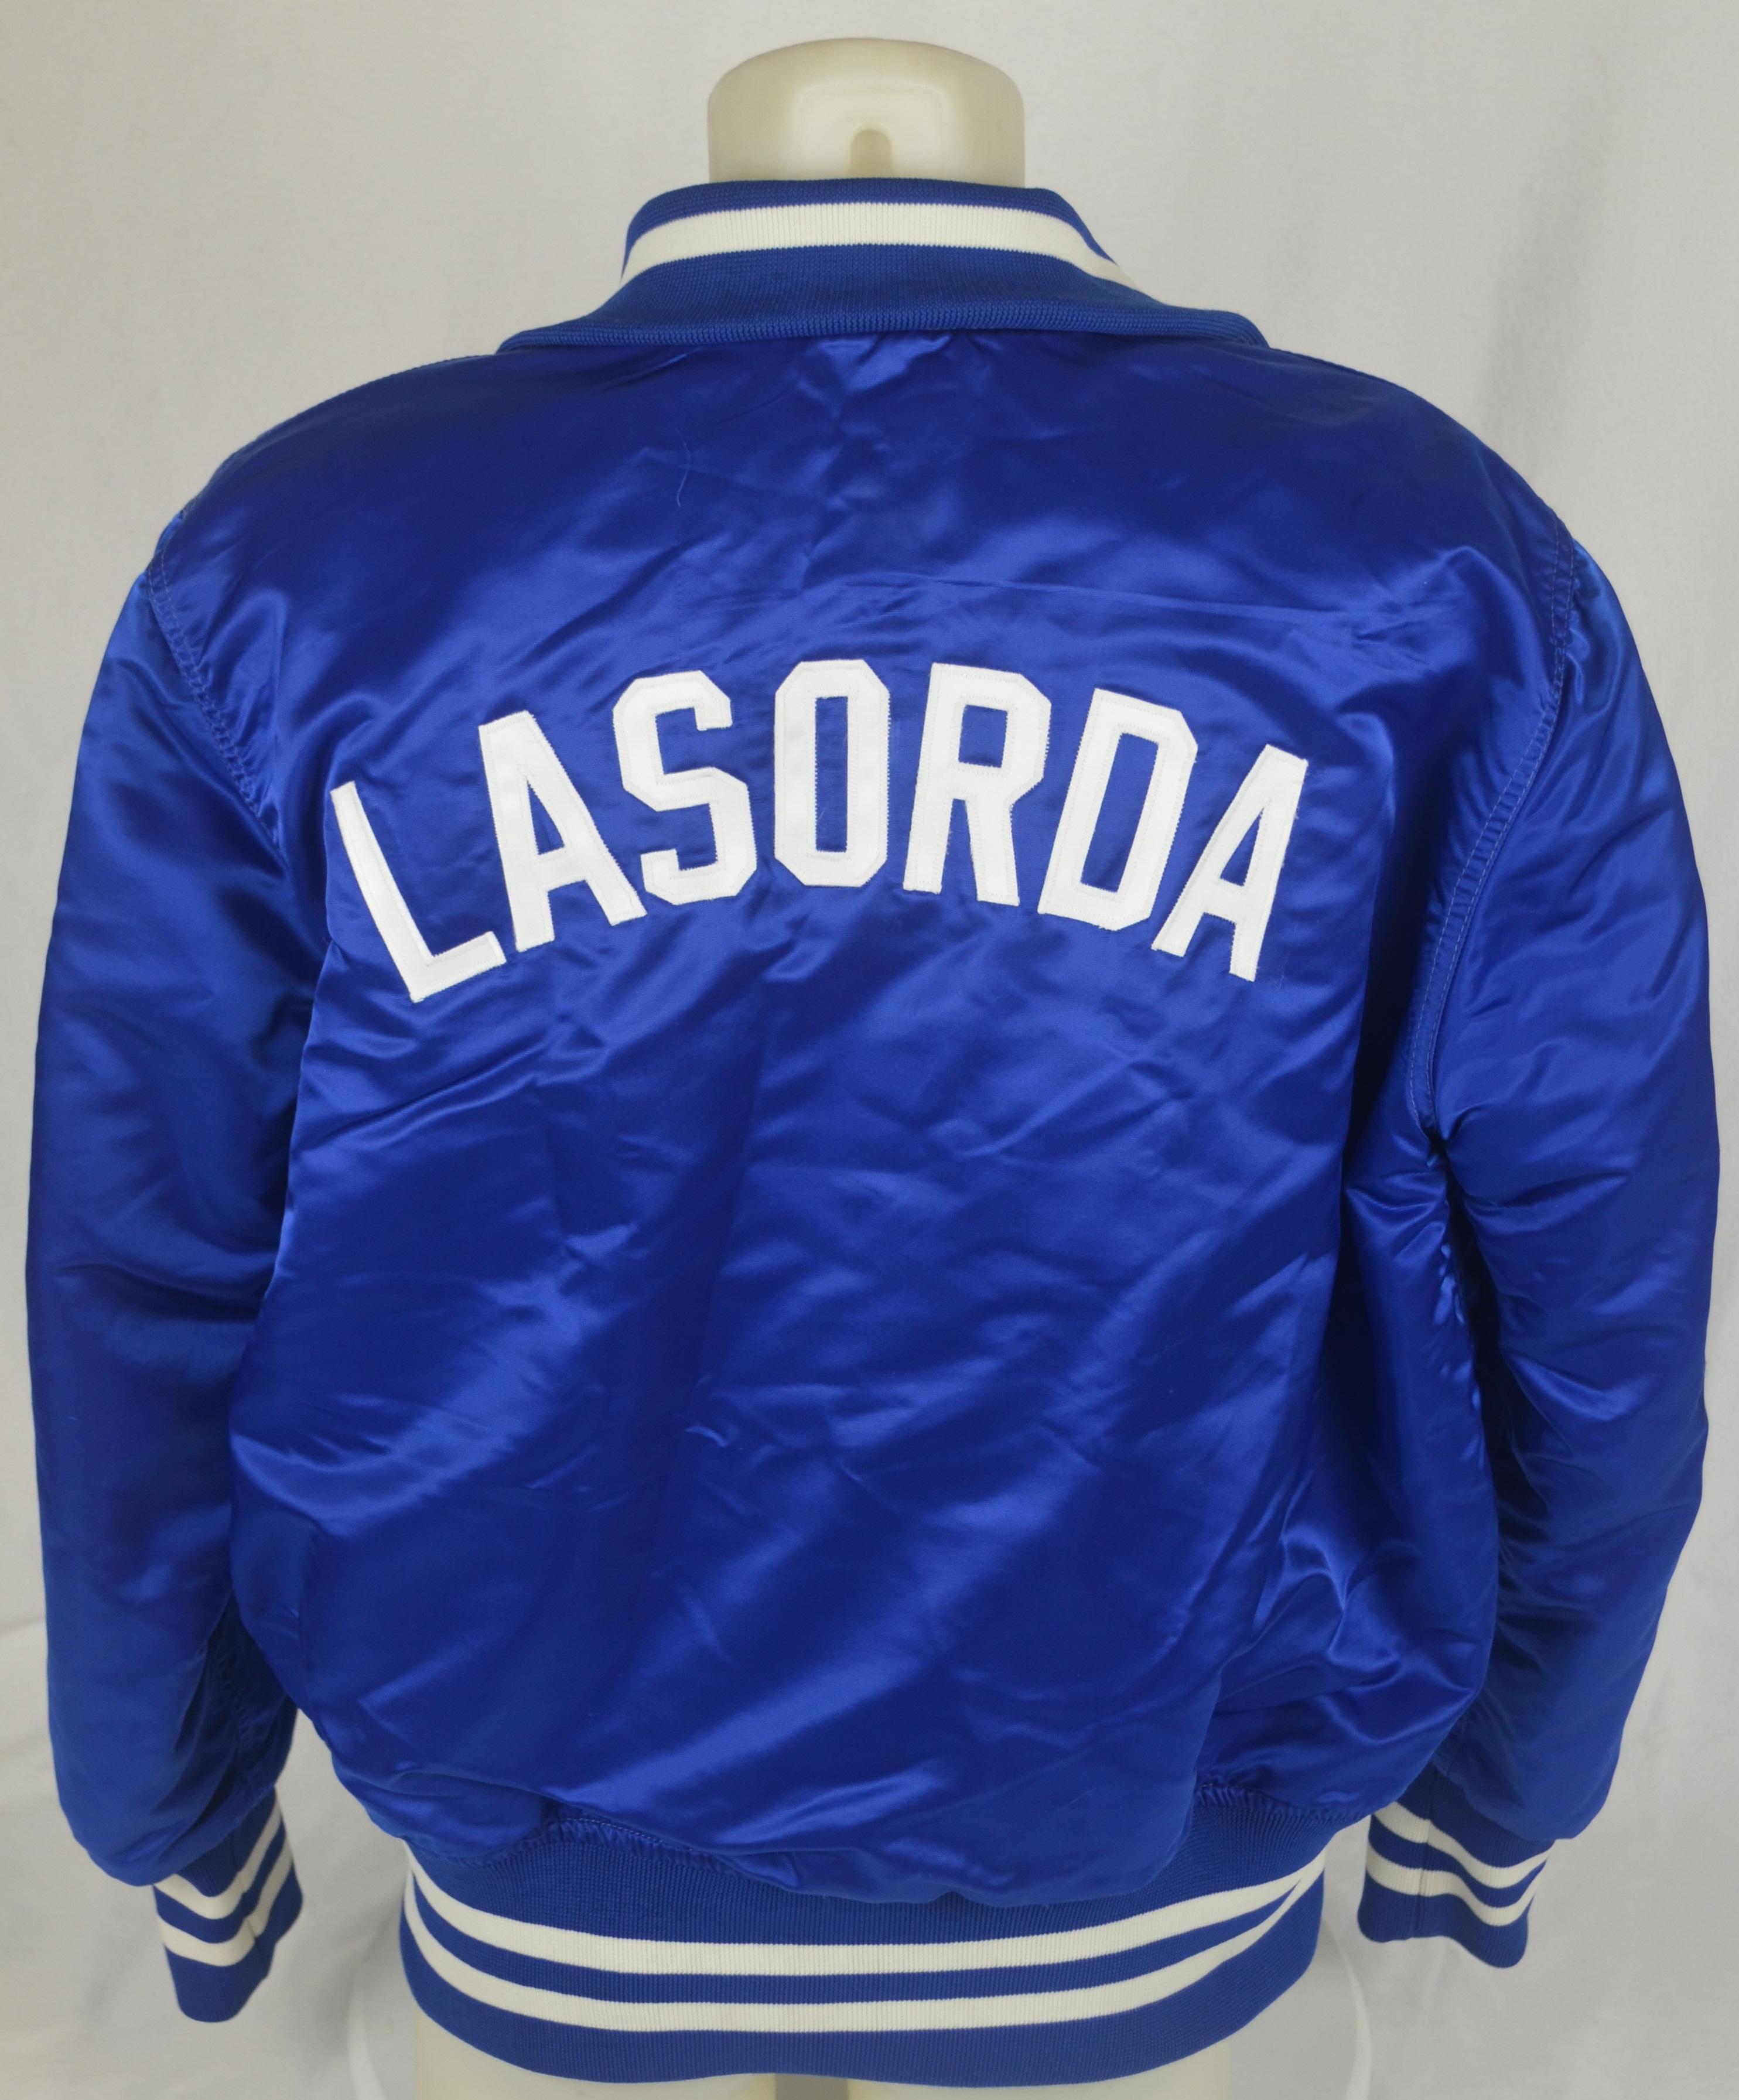 Tommy Lasorda Gets Dodger Jersey-Lined Blazer